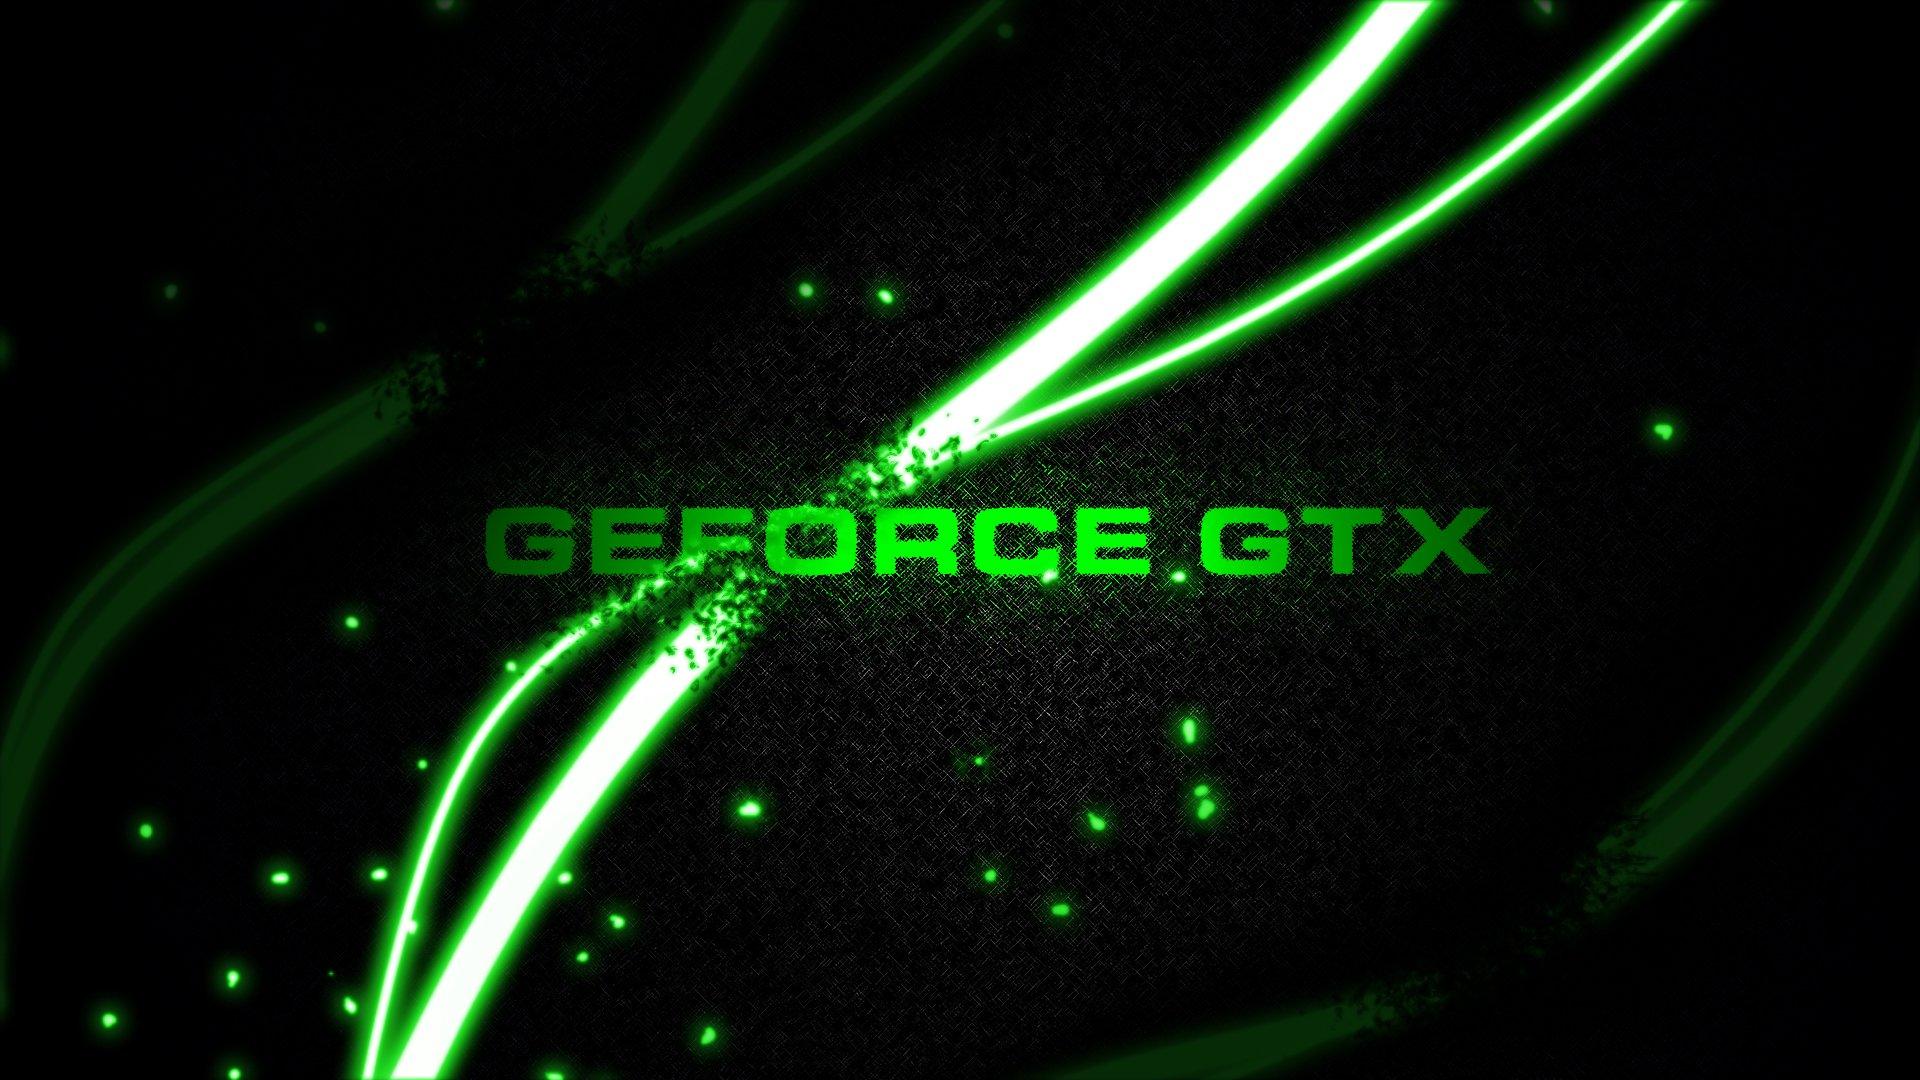 49 Nvidia Geforce Wallpaper On Wallpapersafari